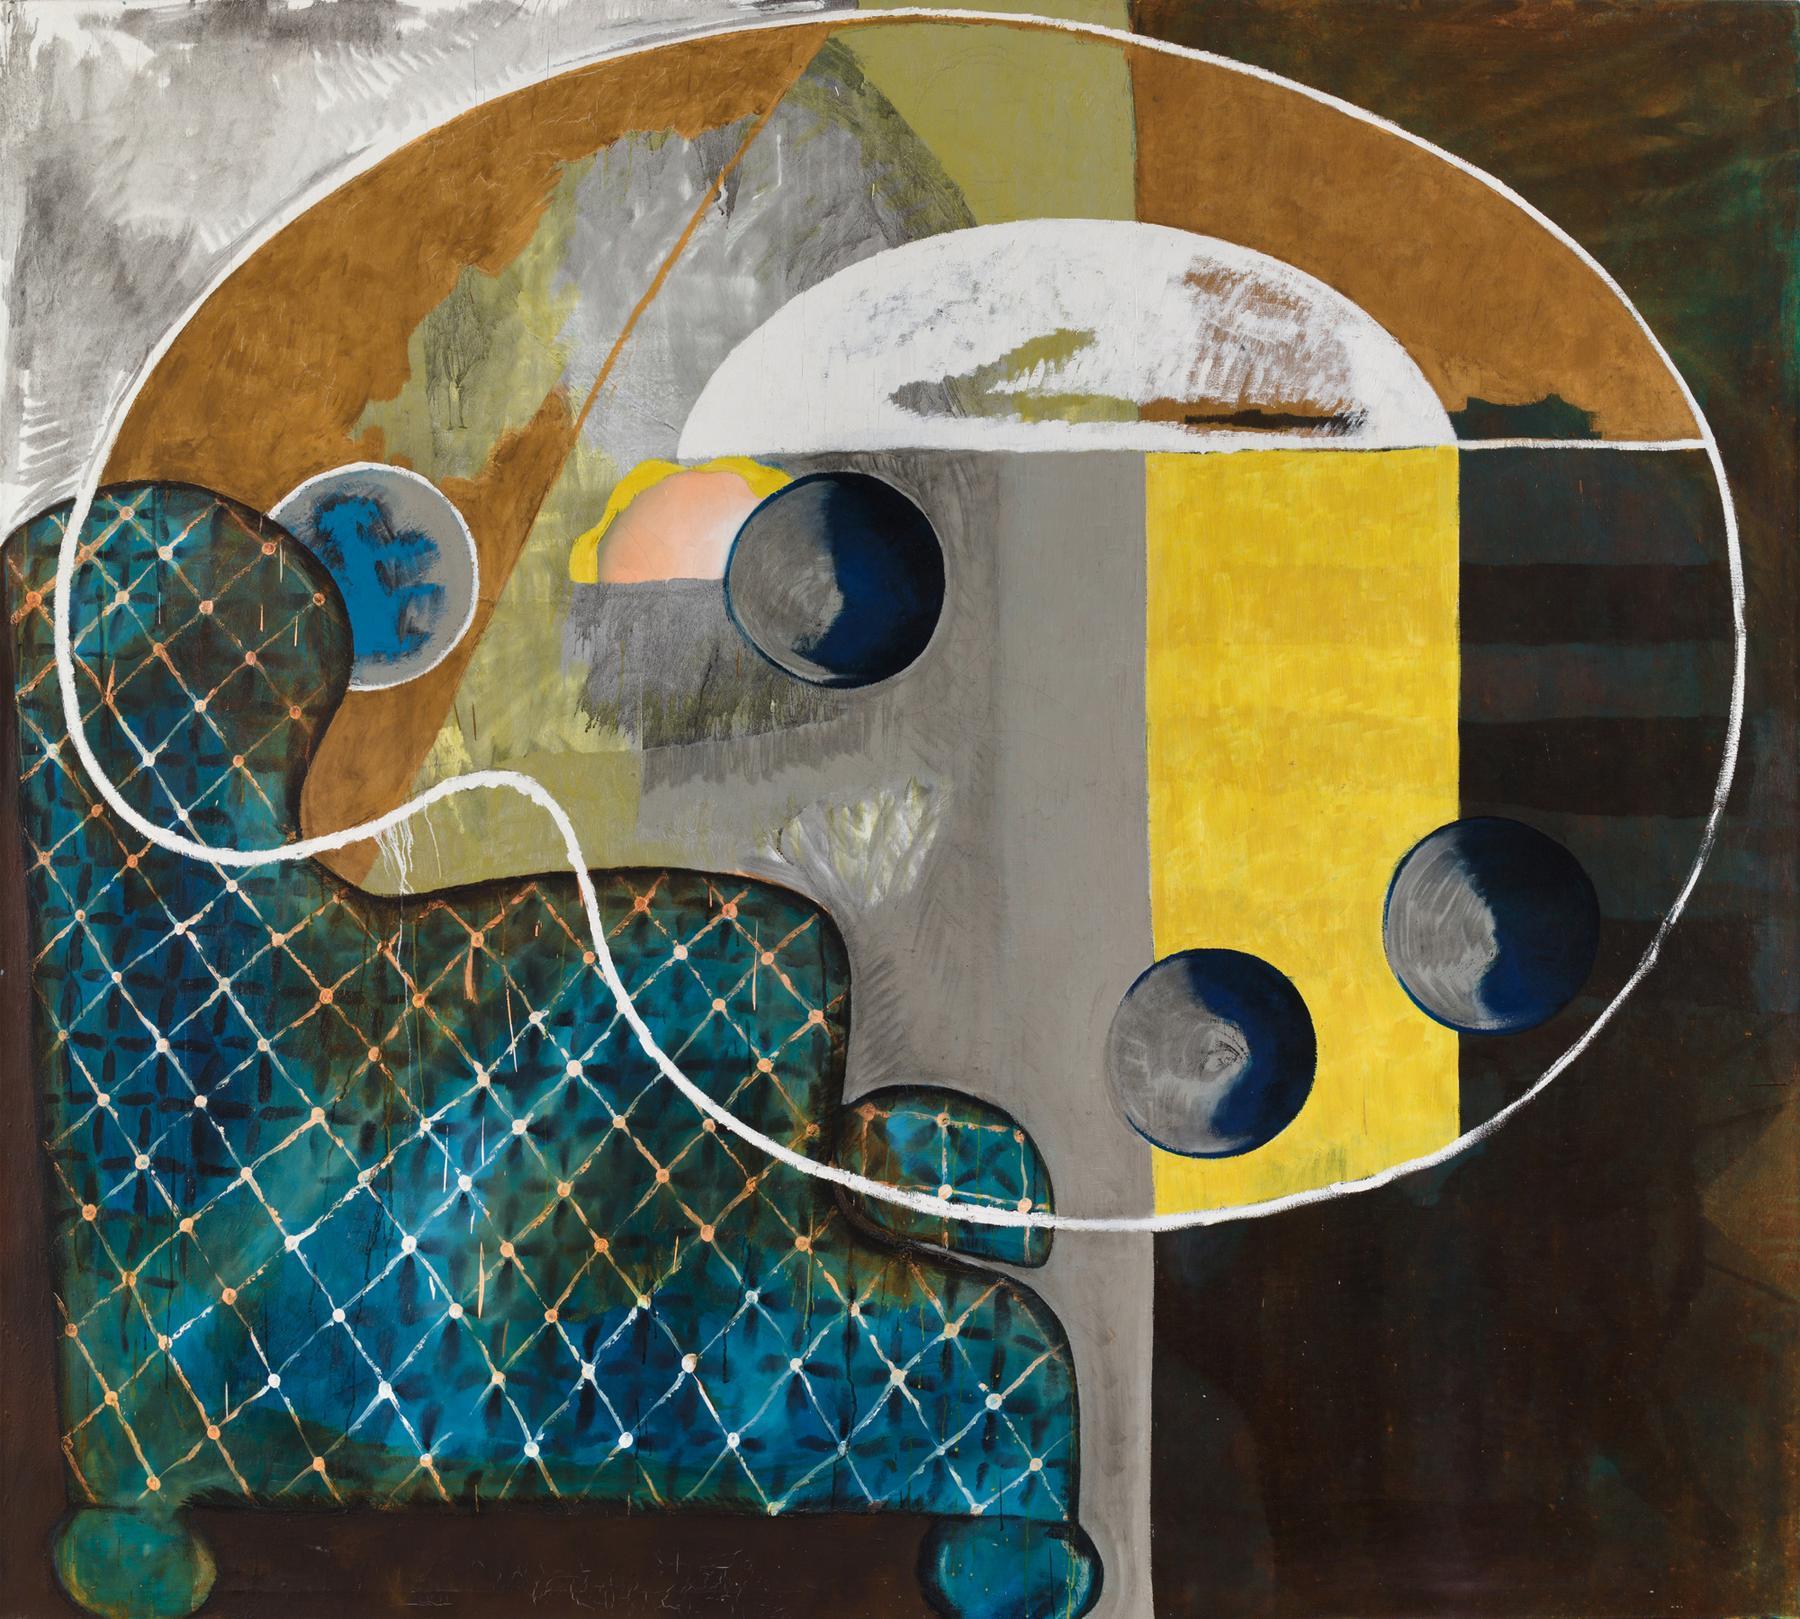 Charline von Heyl Untitled (3/95, I) 1995